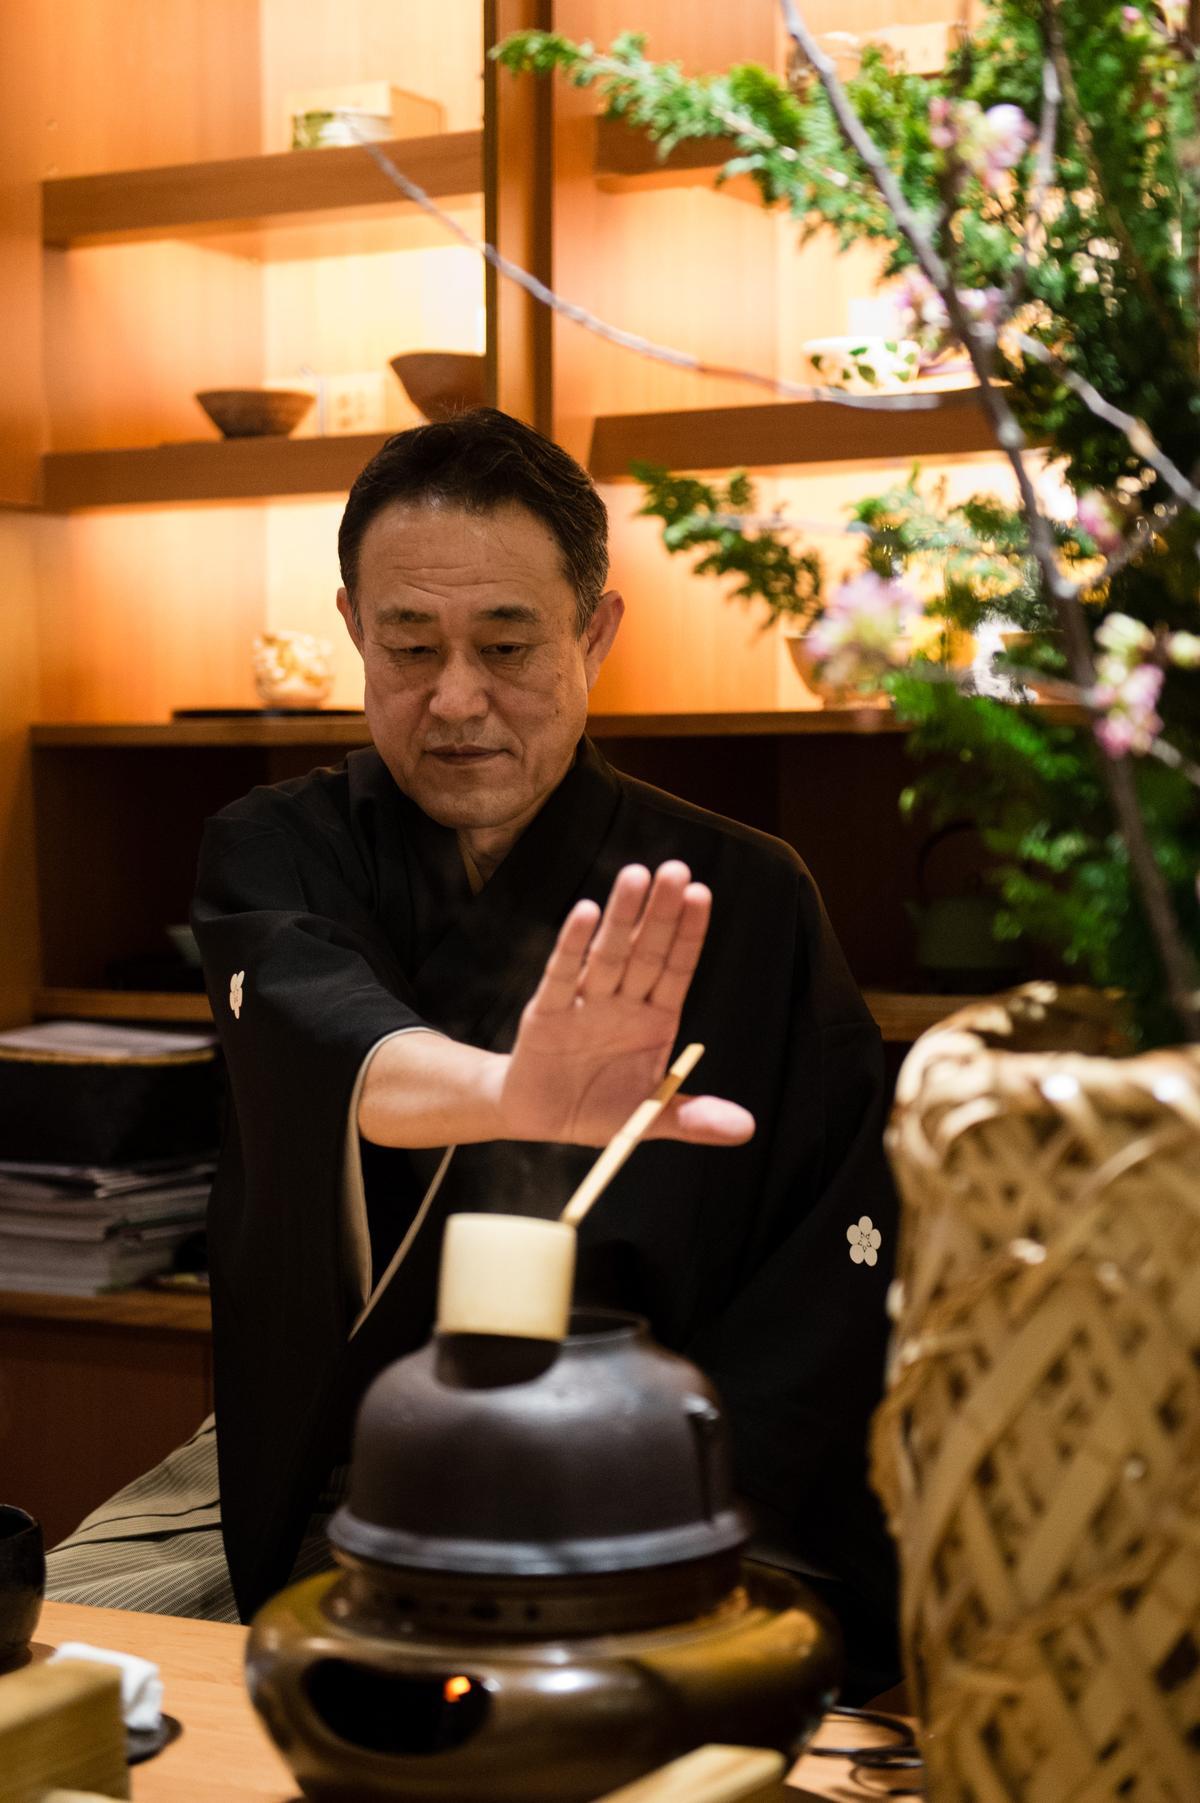 用餐過後,每位客人都可得到一杯由佐佐木先生親自手打的抹茶。